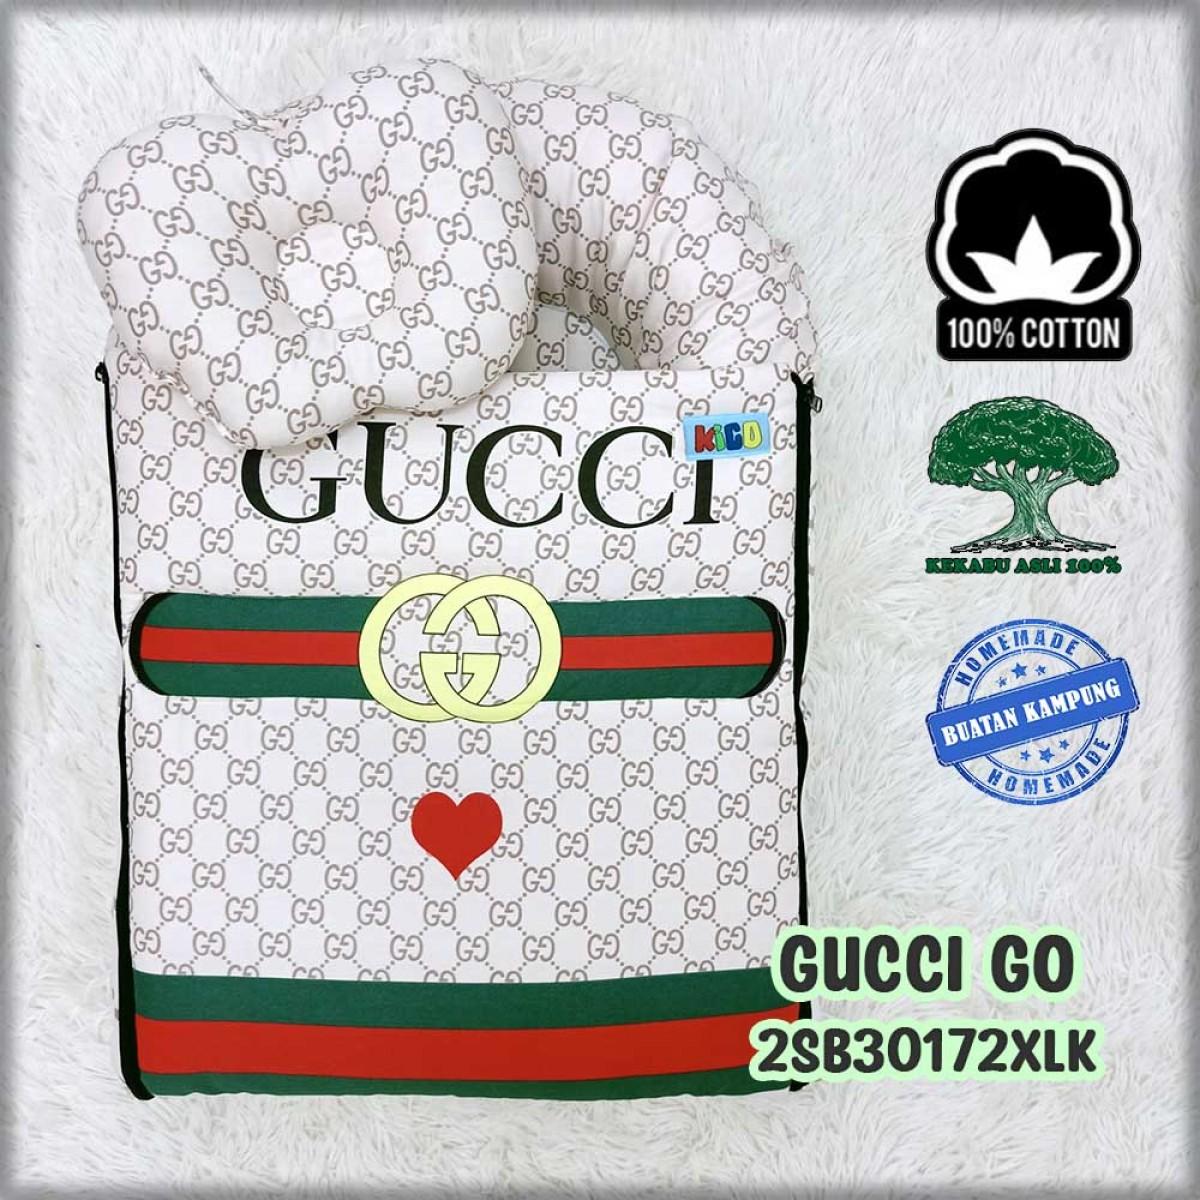 Gucci Go - Kico Baby Center